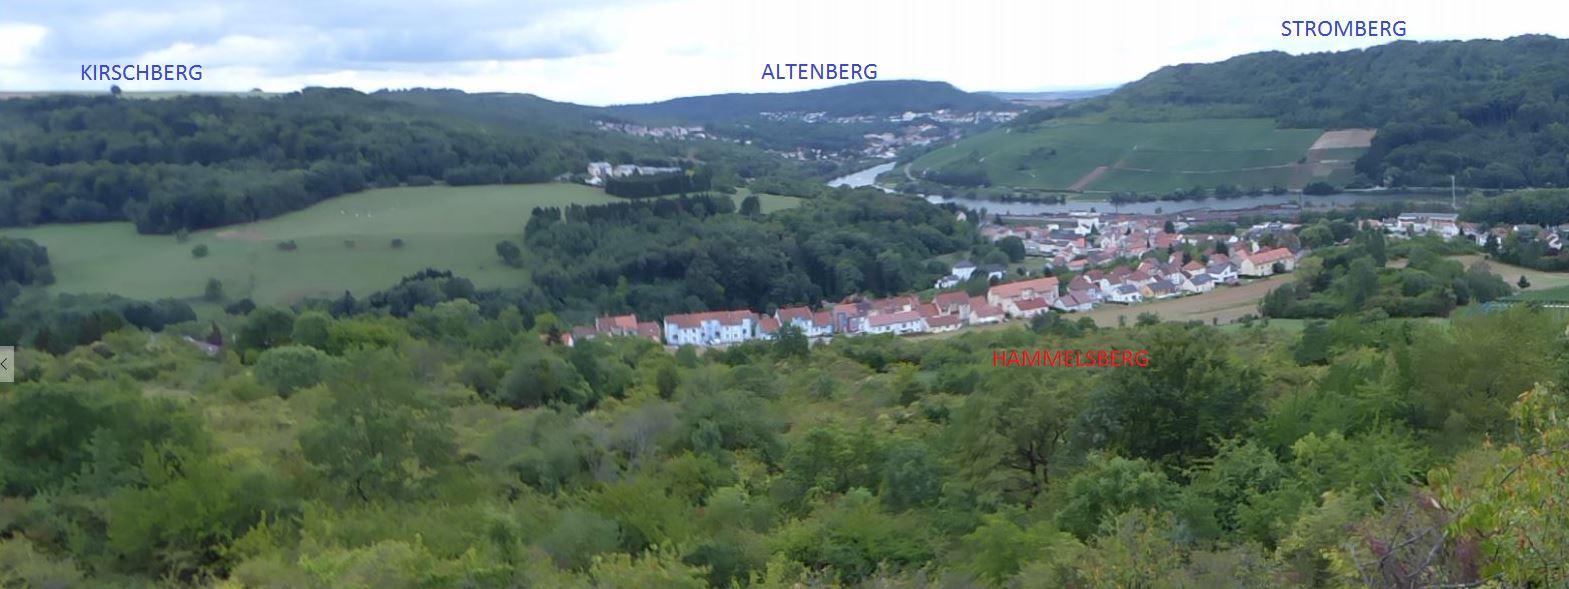 Quatre collines principales bordent la Moselle.